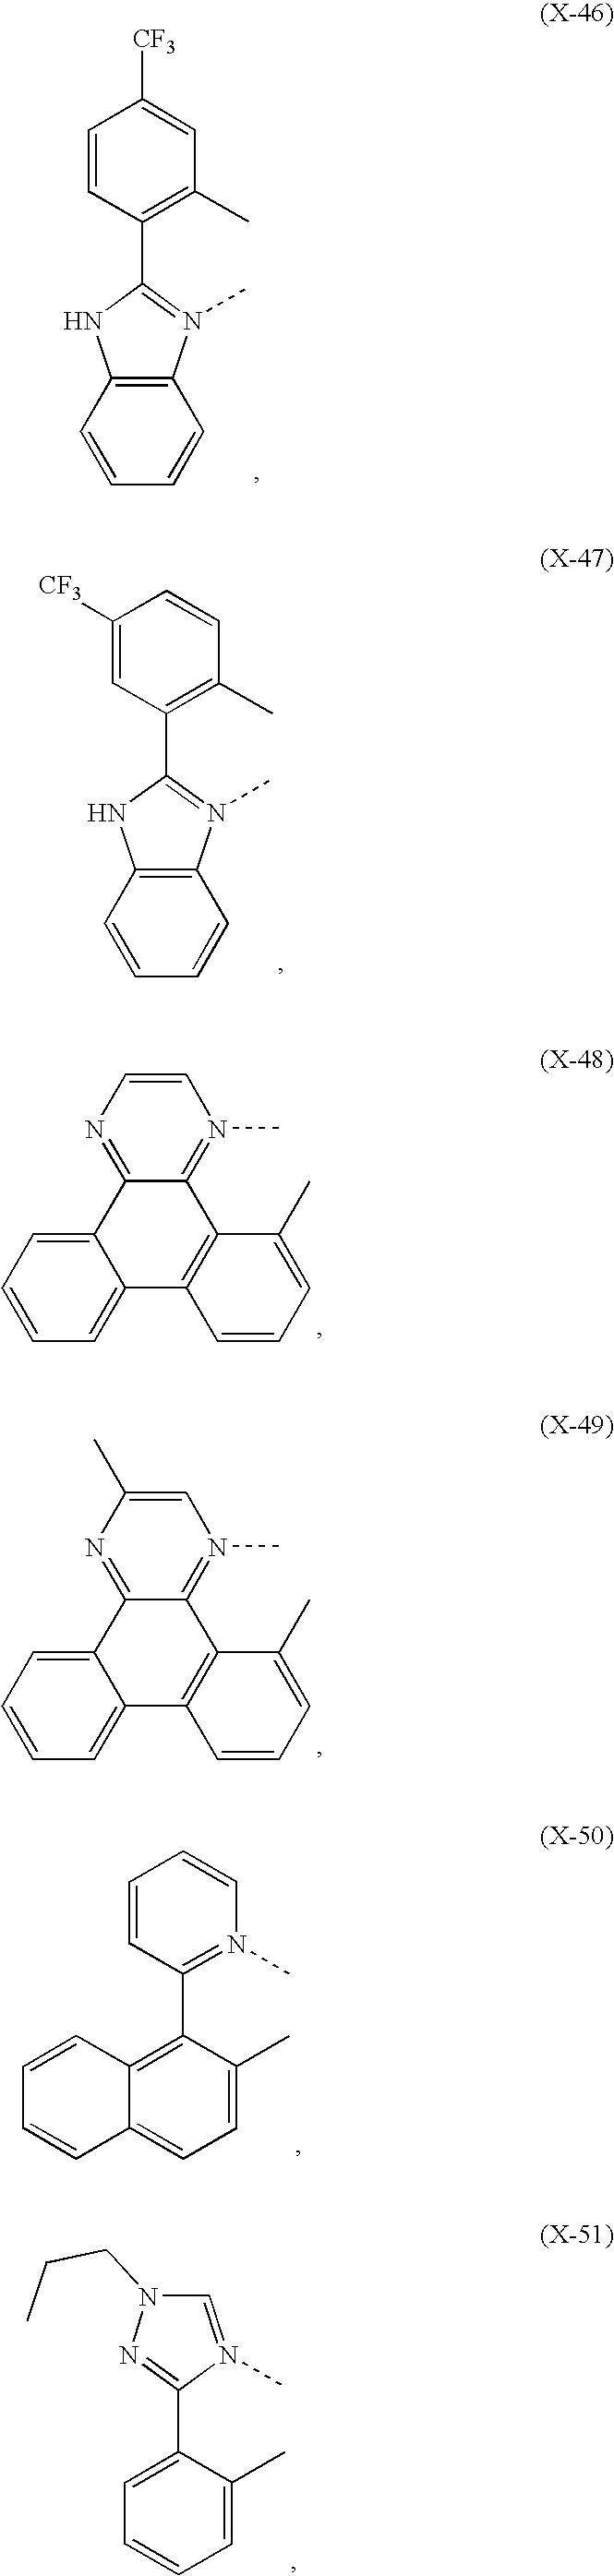 Figure US09362510-20160607-C00047